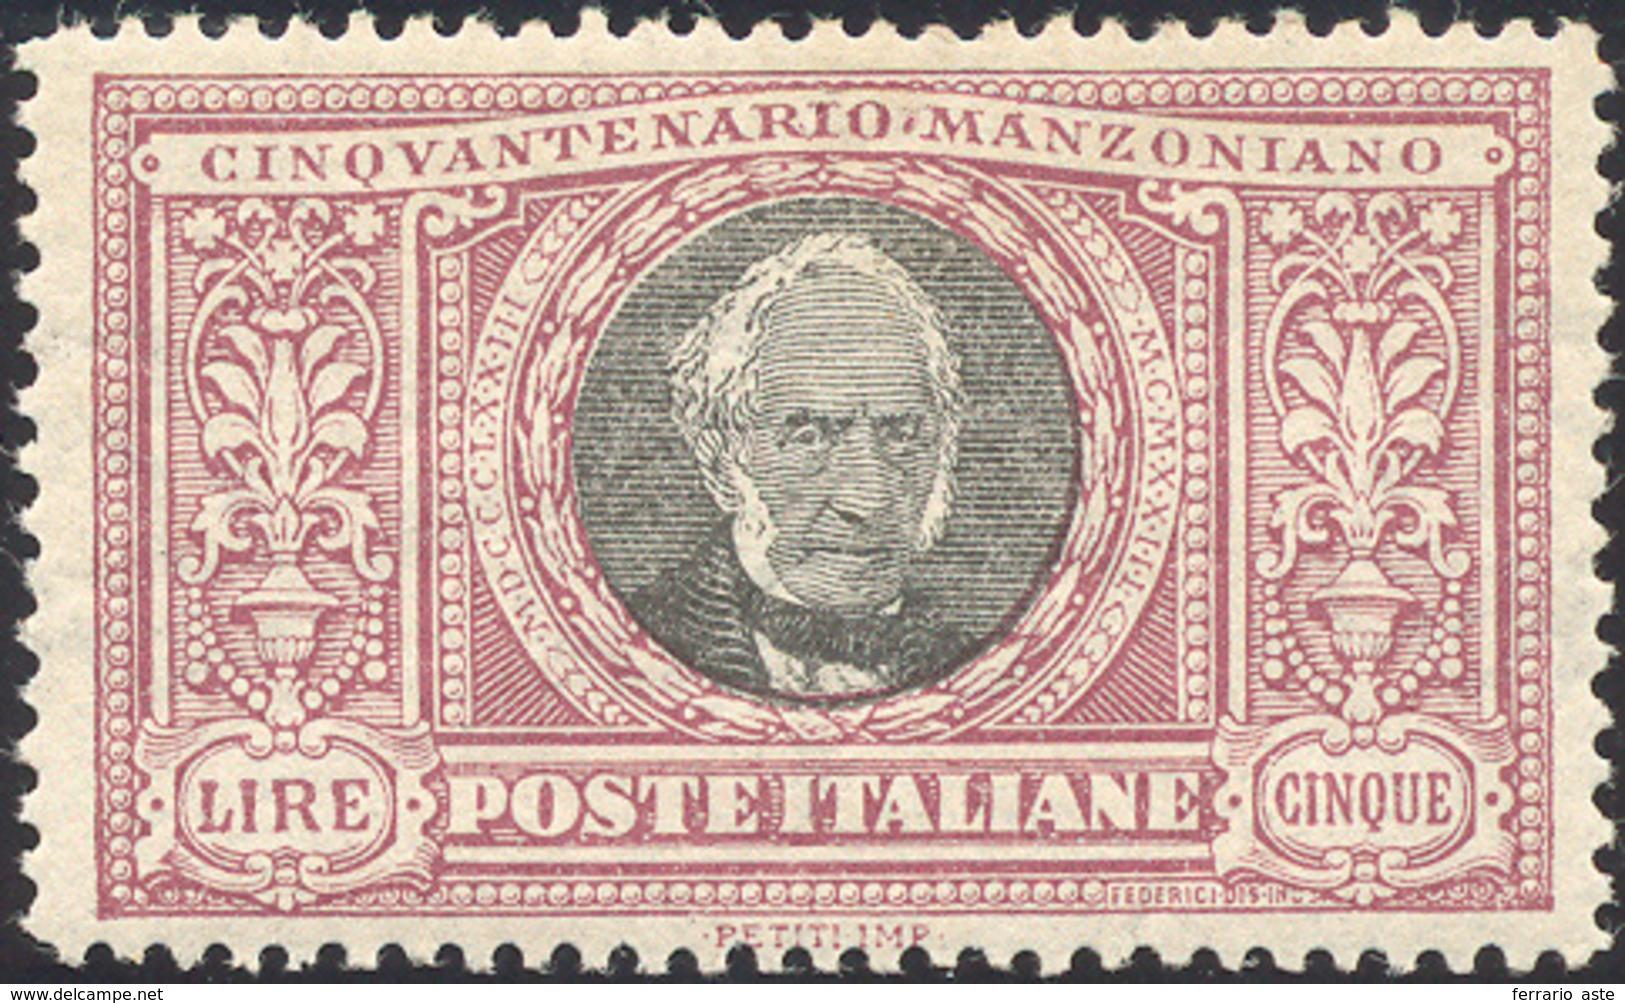 1502 1923 - 5 Lire Manzoni, Dentellatura Lineare (156c), Ottima Centratura, Gomma Originale Integra, Perf... - Italië